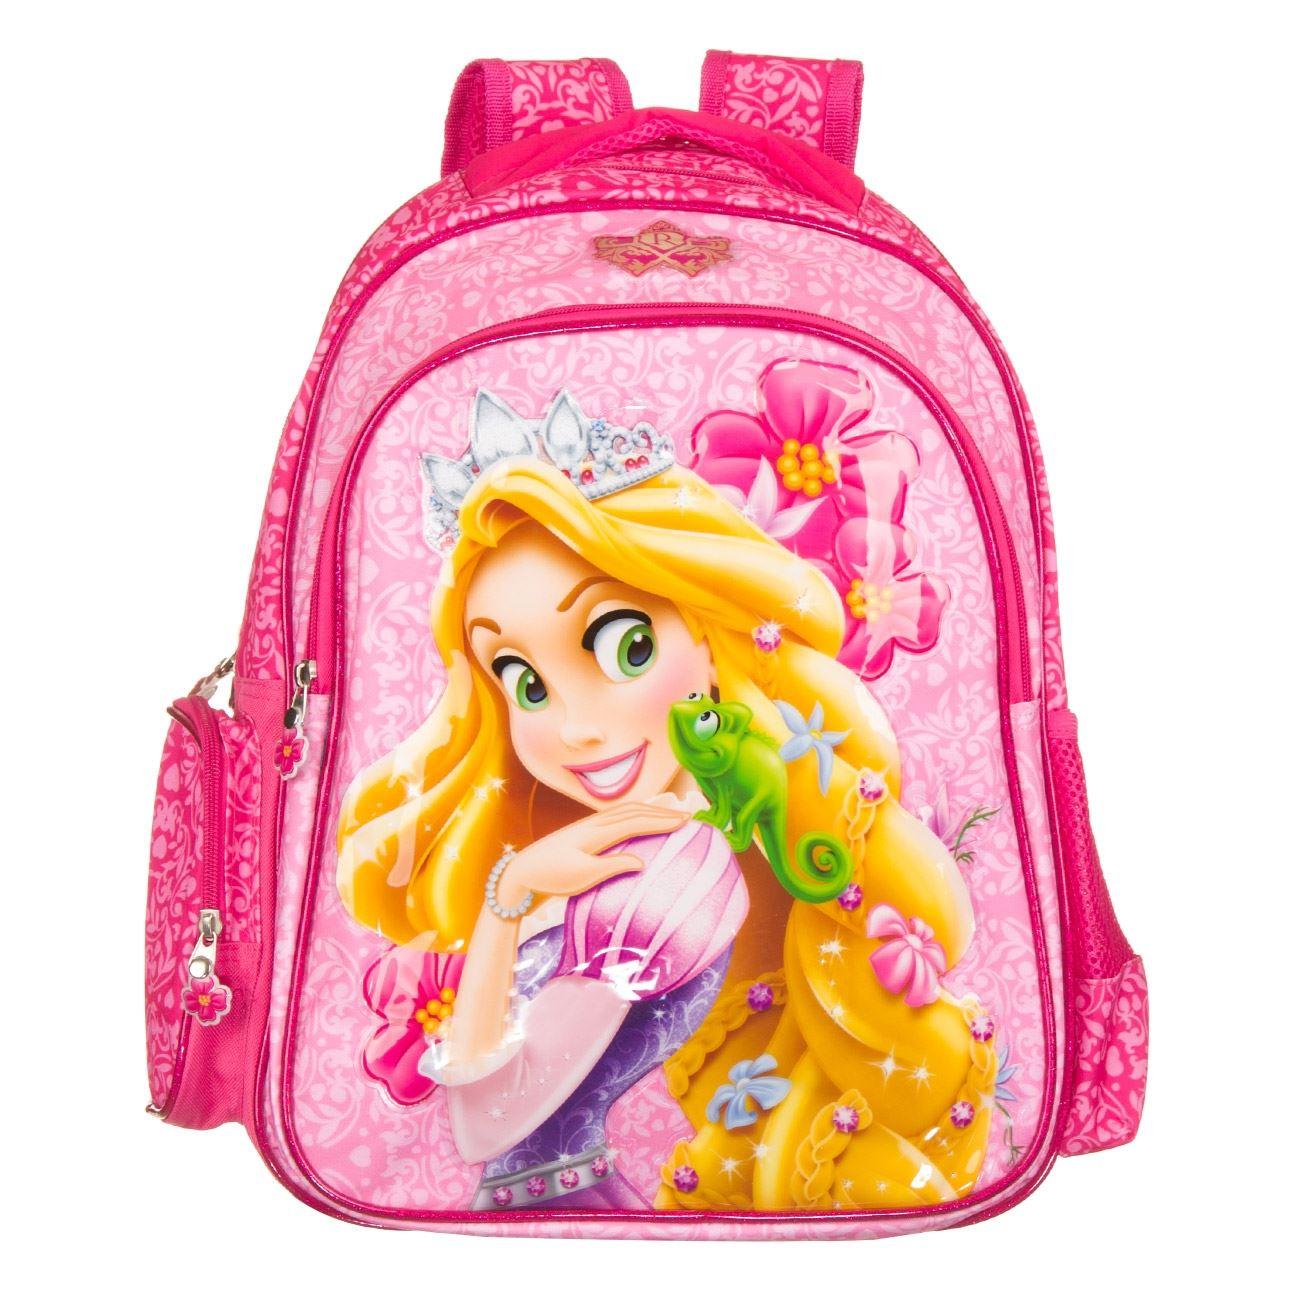 880fb663ee Τσάντα Δημοτικού RAPUNZEL   Τσάντες Δημοτικού για Κορίτσια